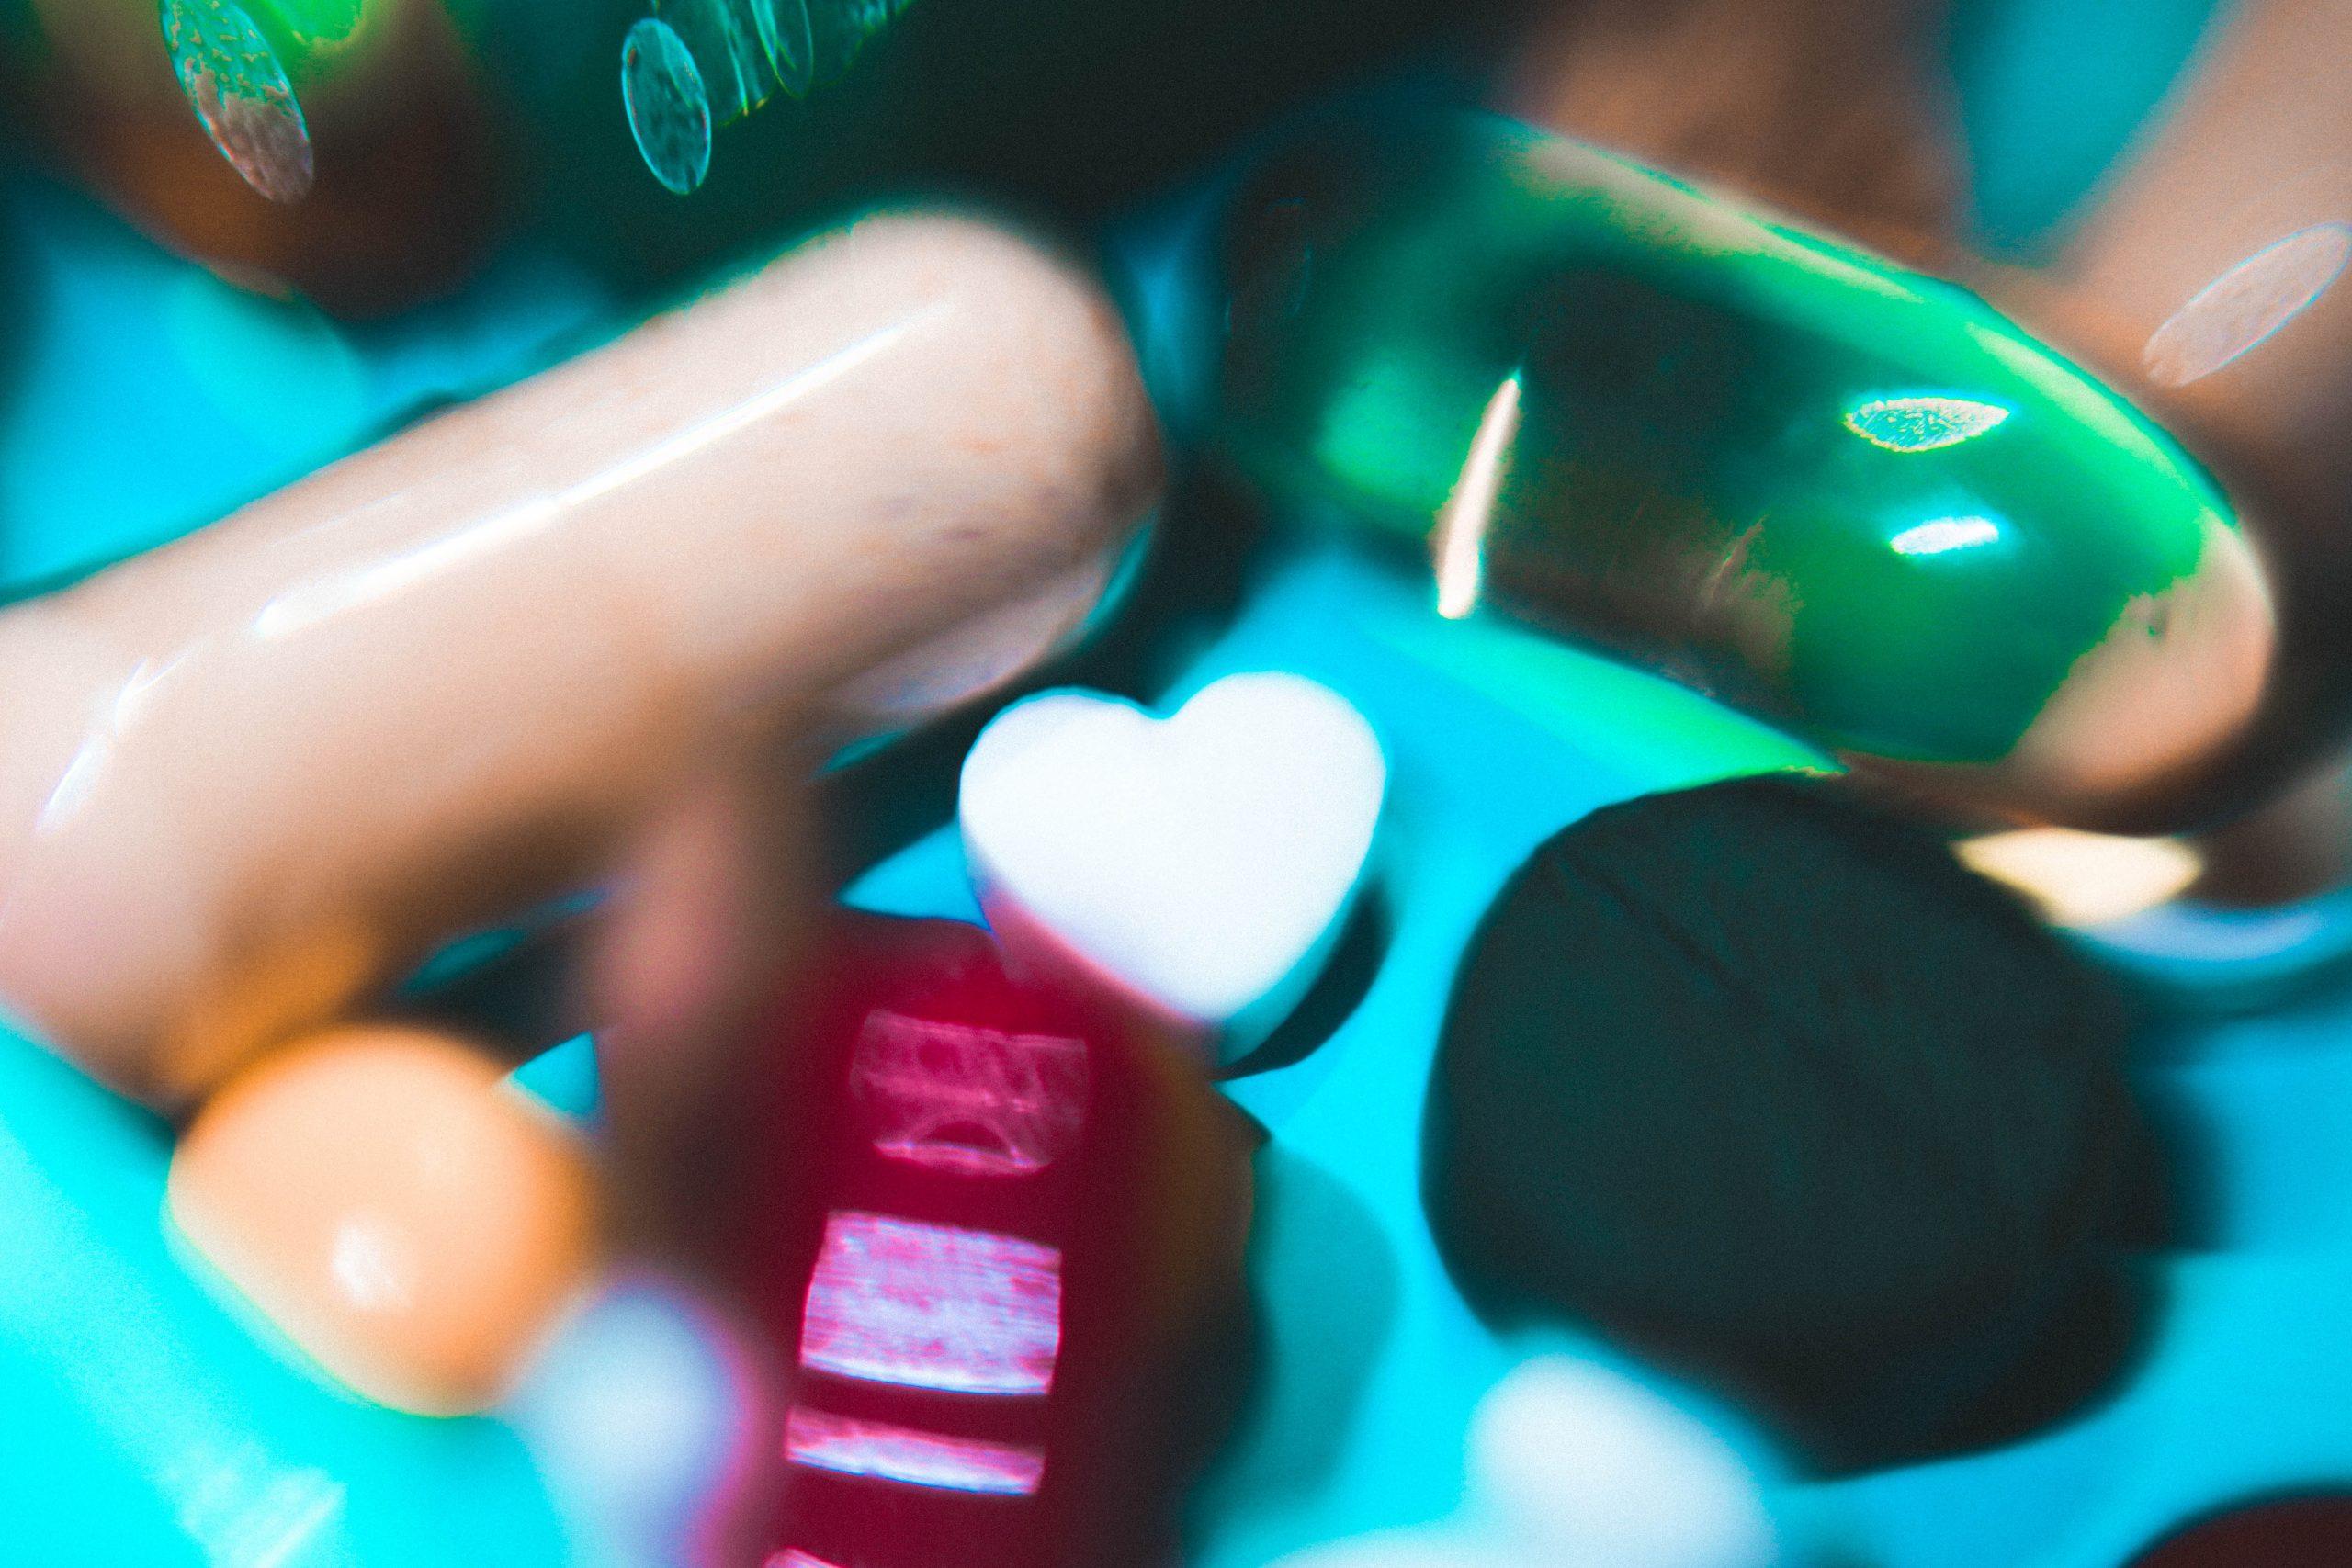 Polskie nazewnictwo leków – sprawa dla tłumacza